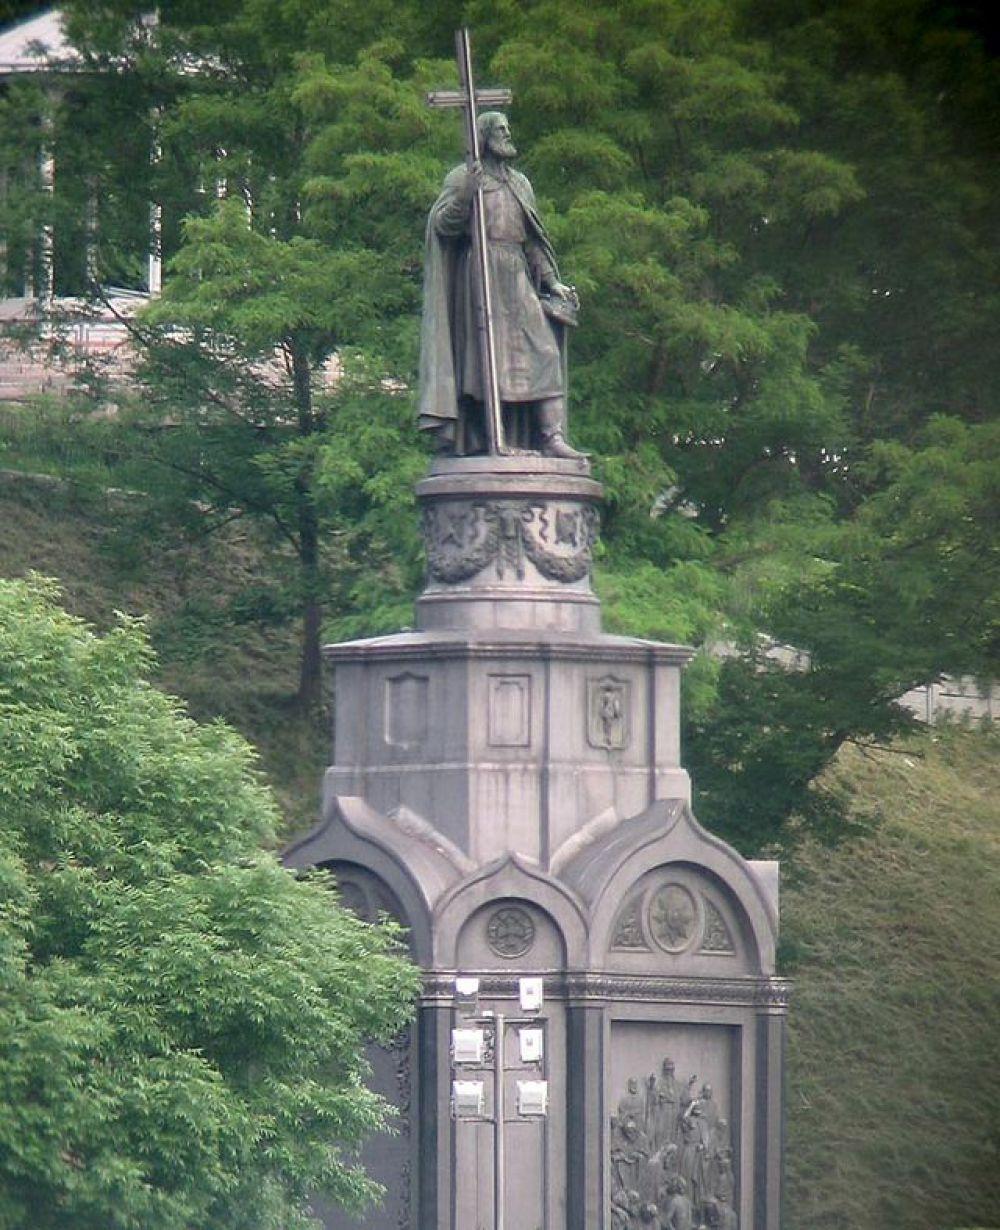 Памятник князю Владимиру, установленный в Киеве, представляет собой бронзовую статую высотой 4,5 метра, установленную на пьедестале высотой 16 метров. Монумент был установлен на берегу Днепра в 1853 году.